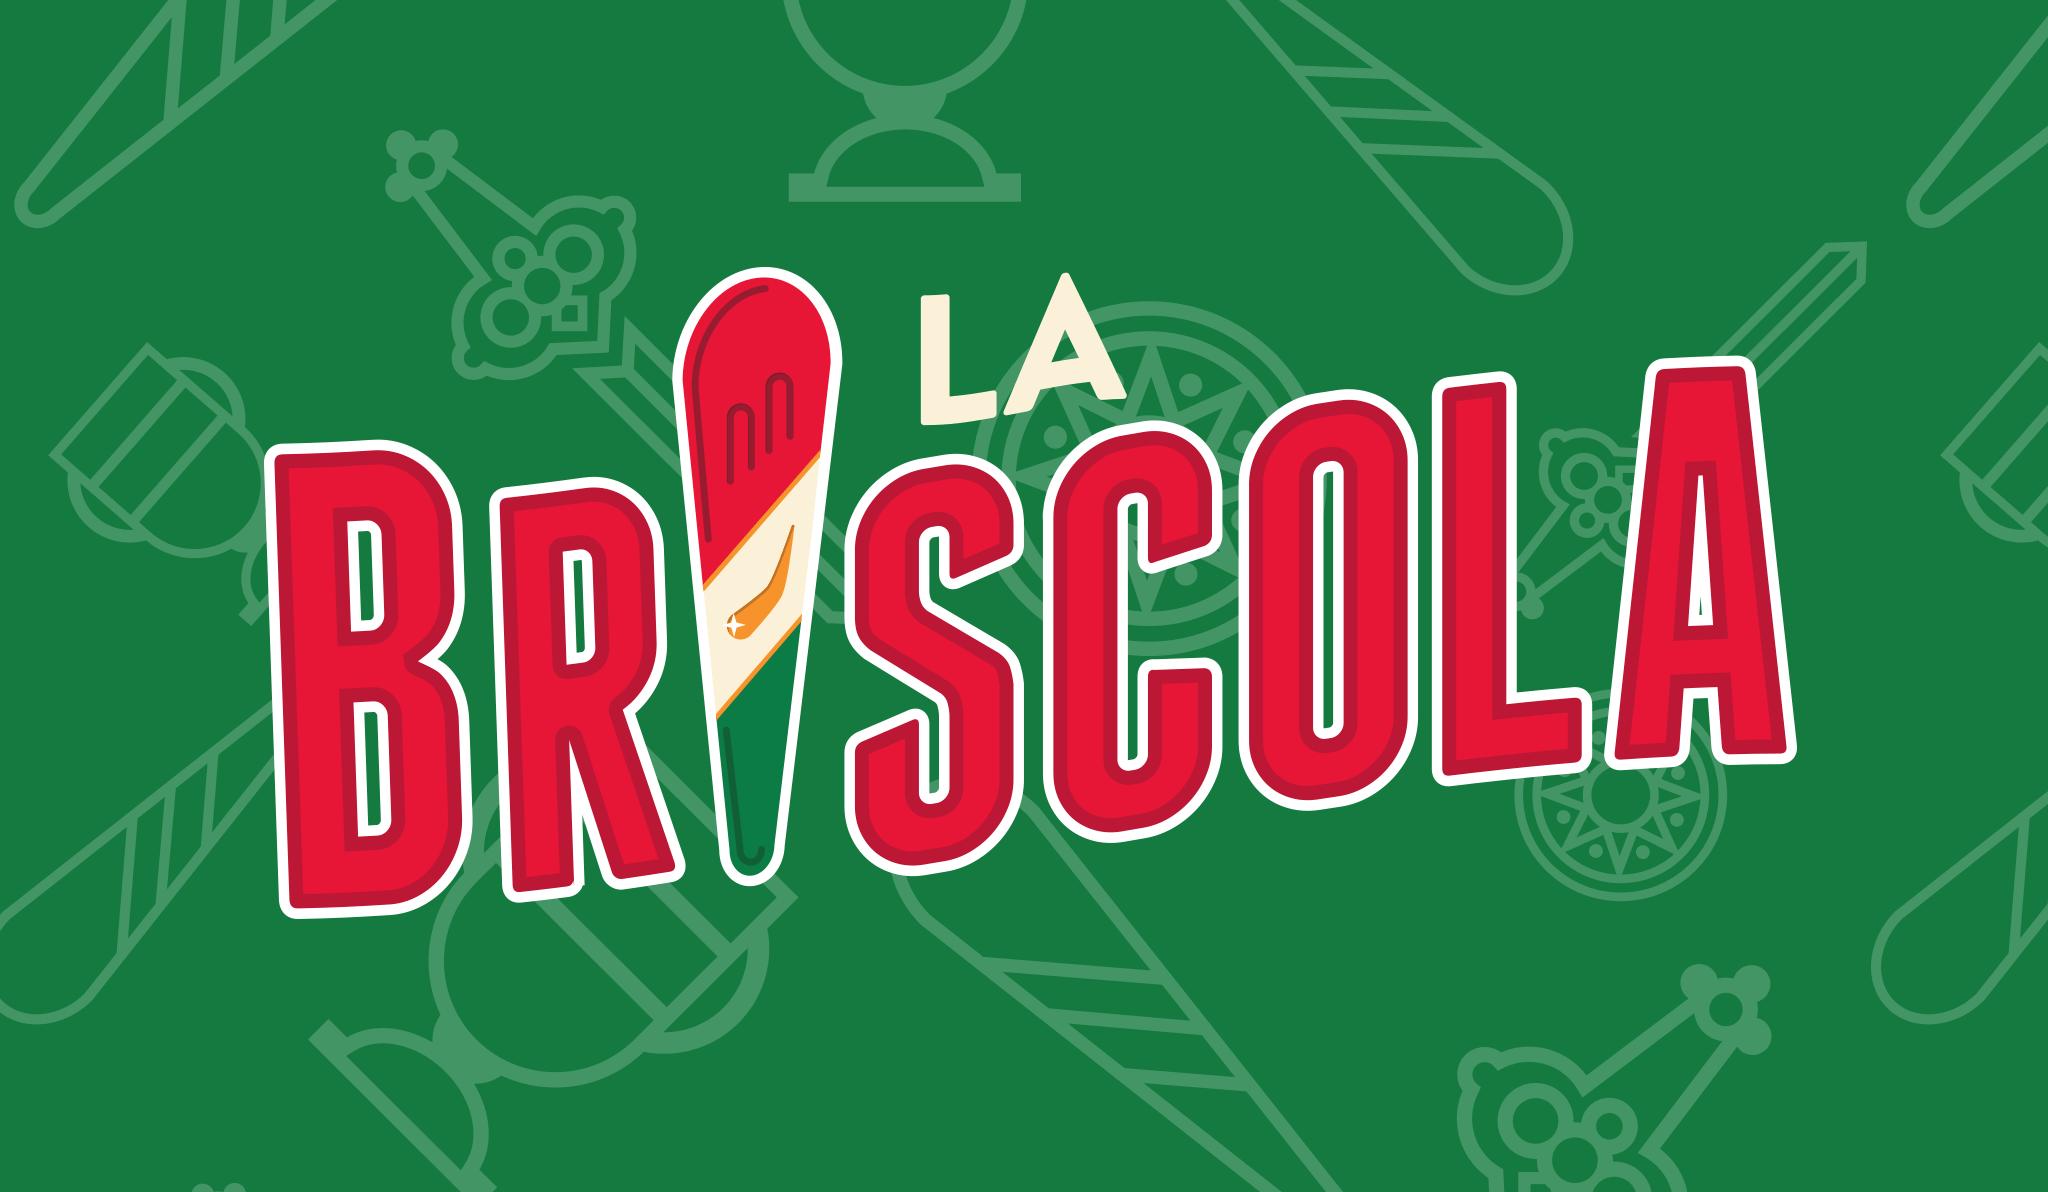 briscola stars gratis